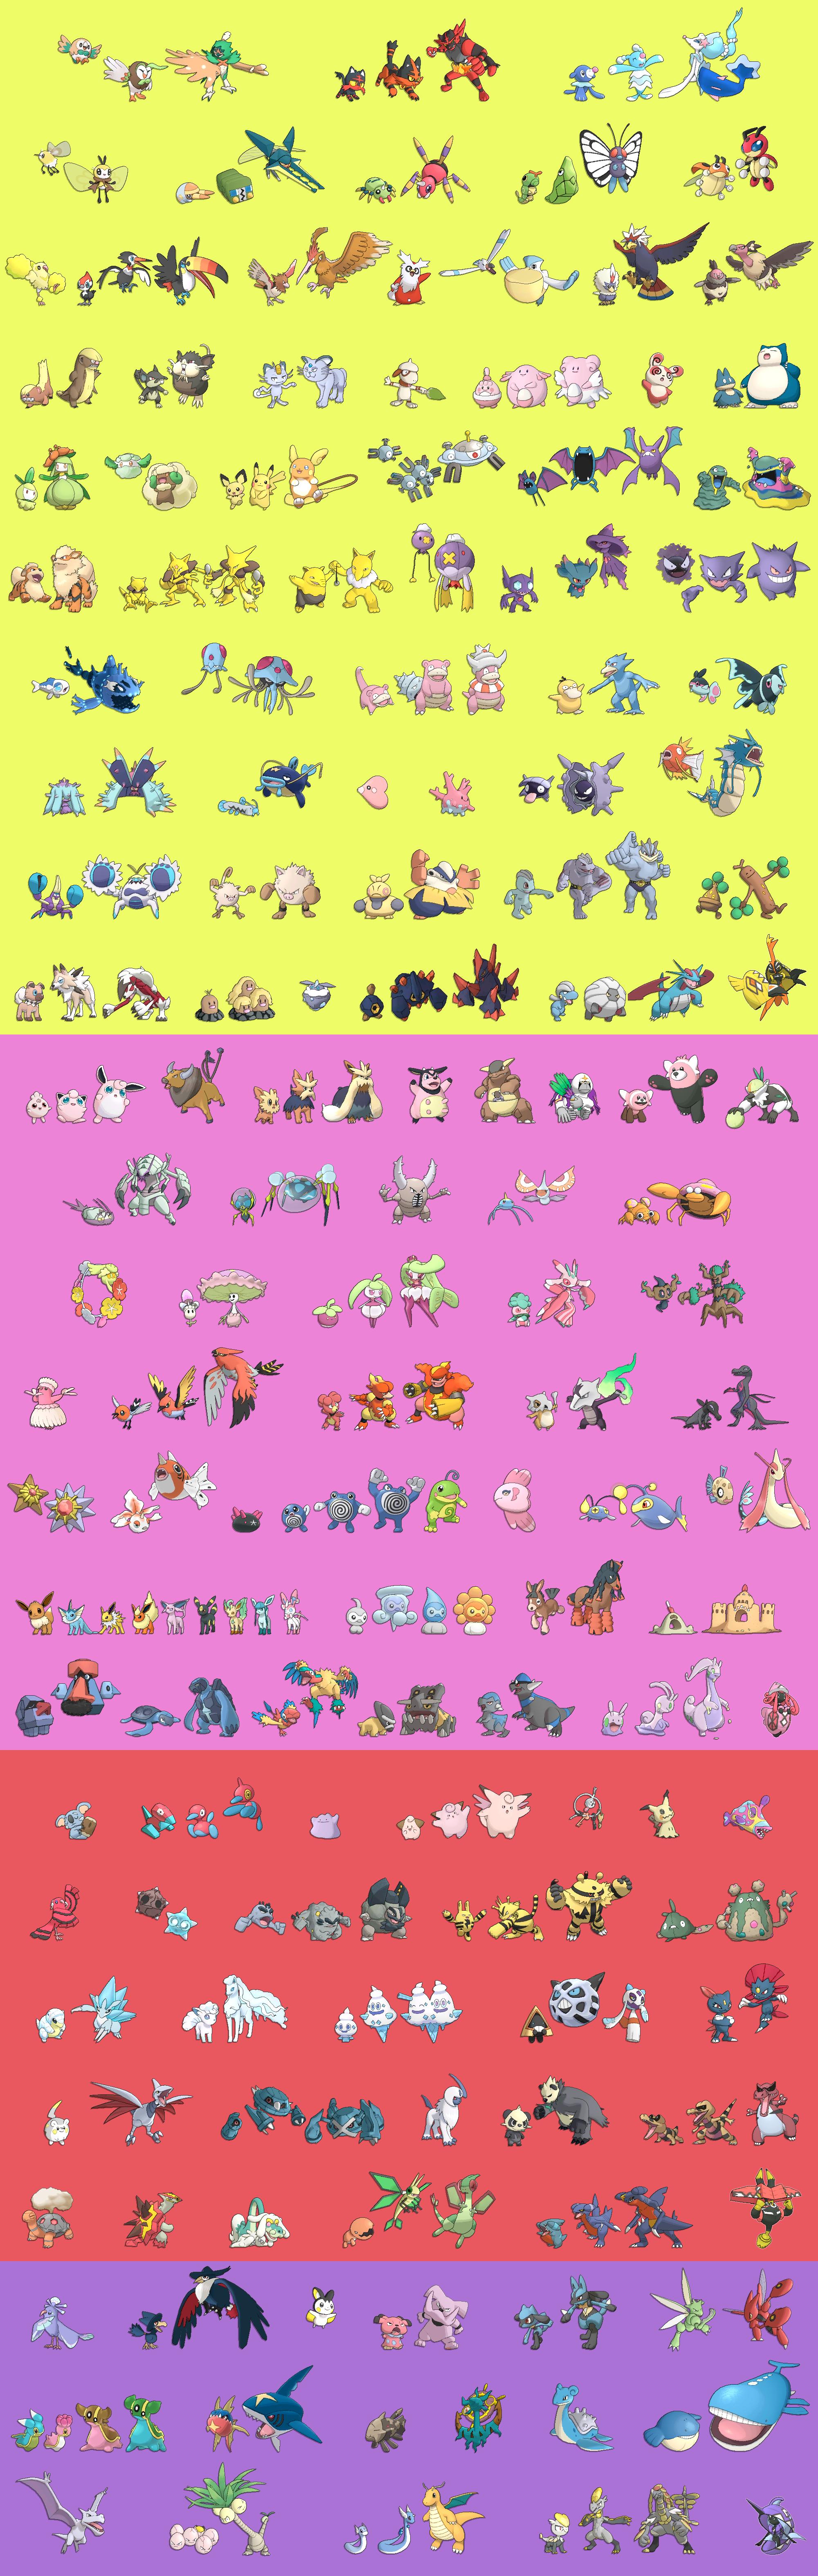 Hilo recopilatorio de Datamining y filtraciones de Pokemon Sol y ...